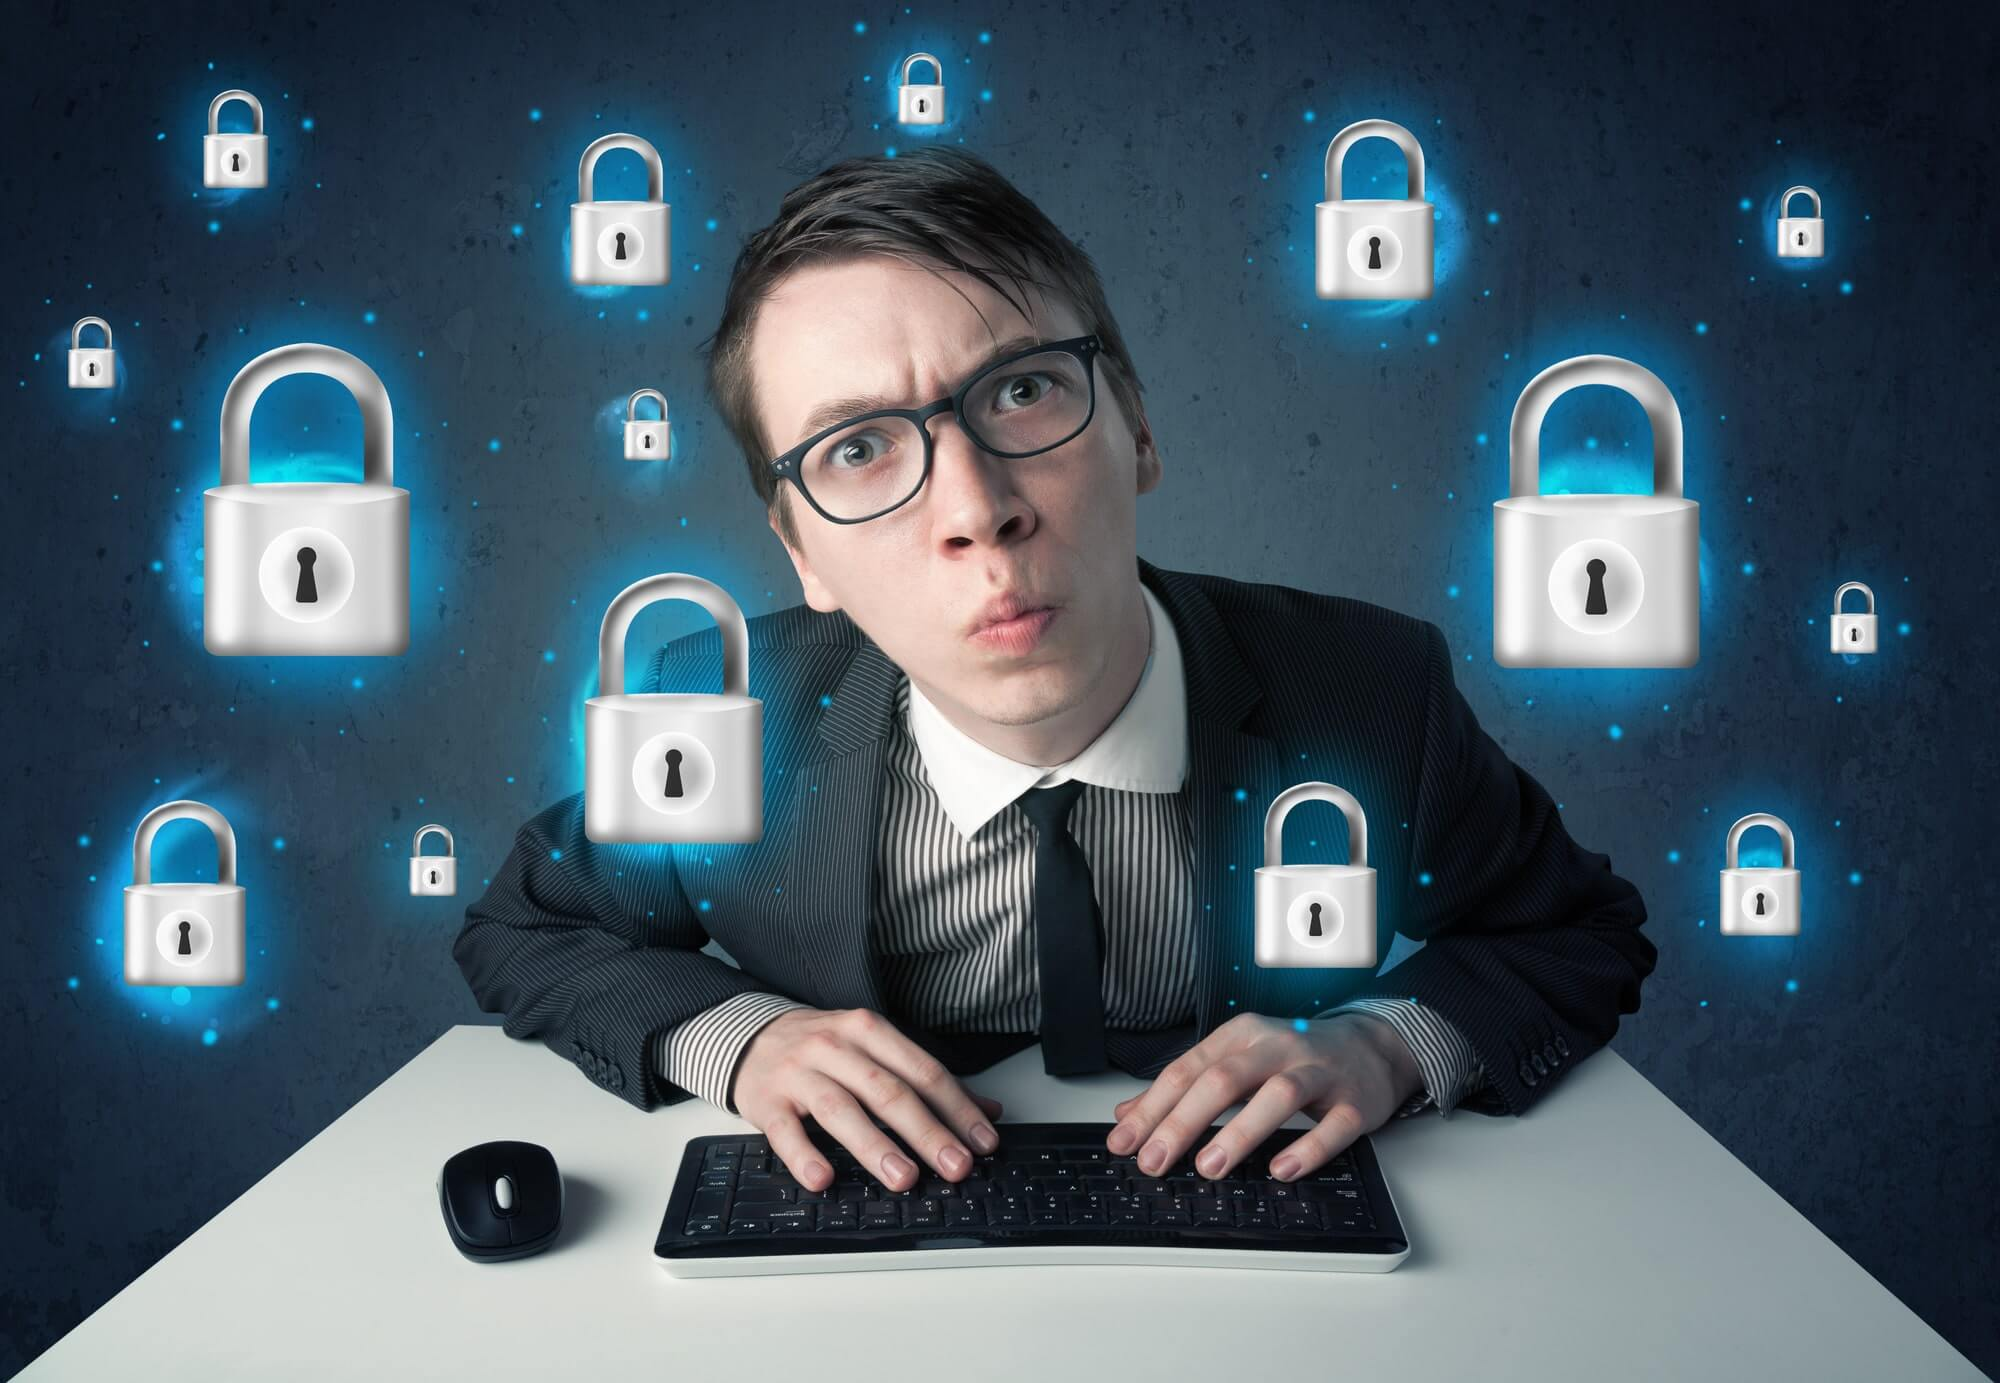 Как обезопасить себя в интернете от мошенничества